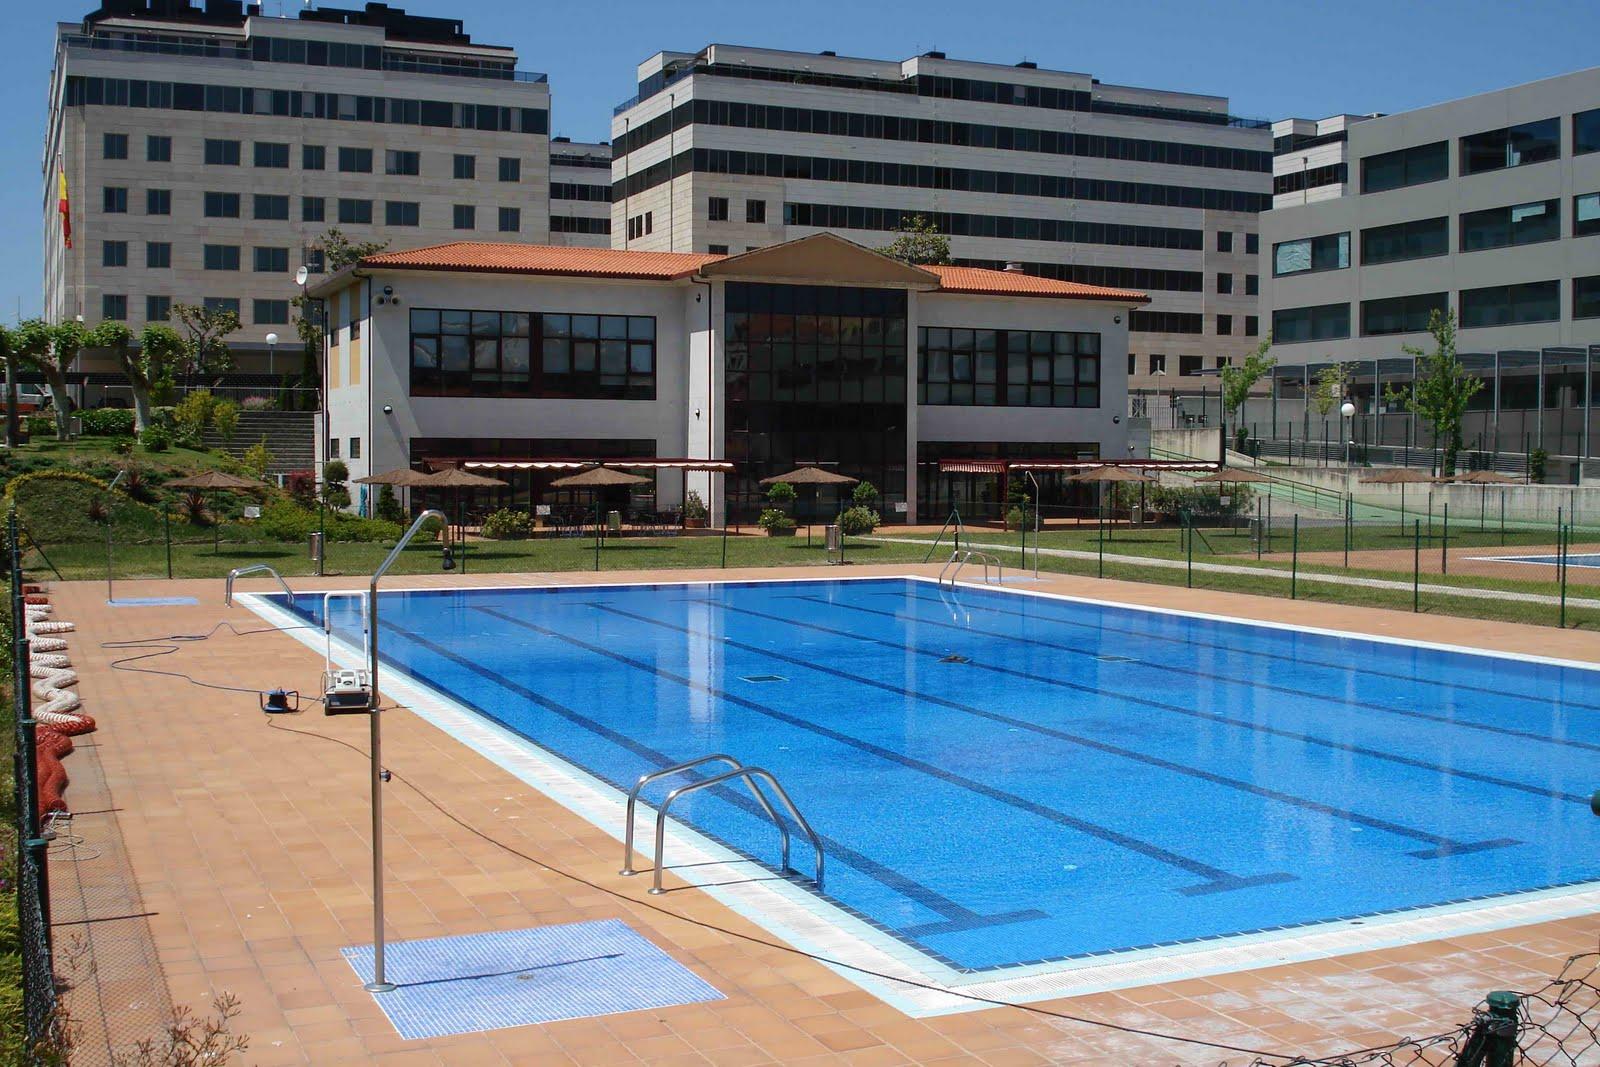 Waterpolo pontevedra blog v campus de actividades acu ticas pontevedra en junio - Piscinas en pontevedra ...